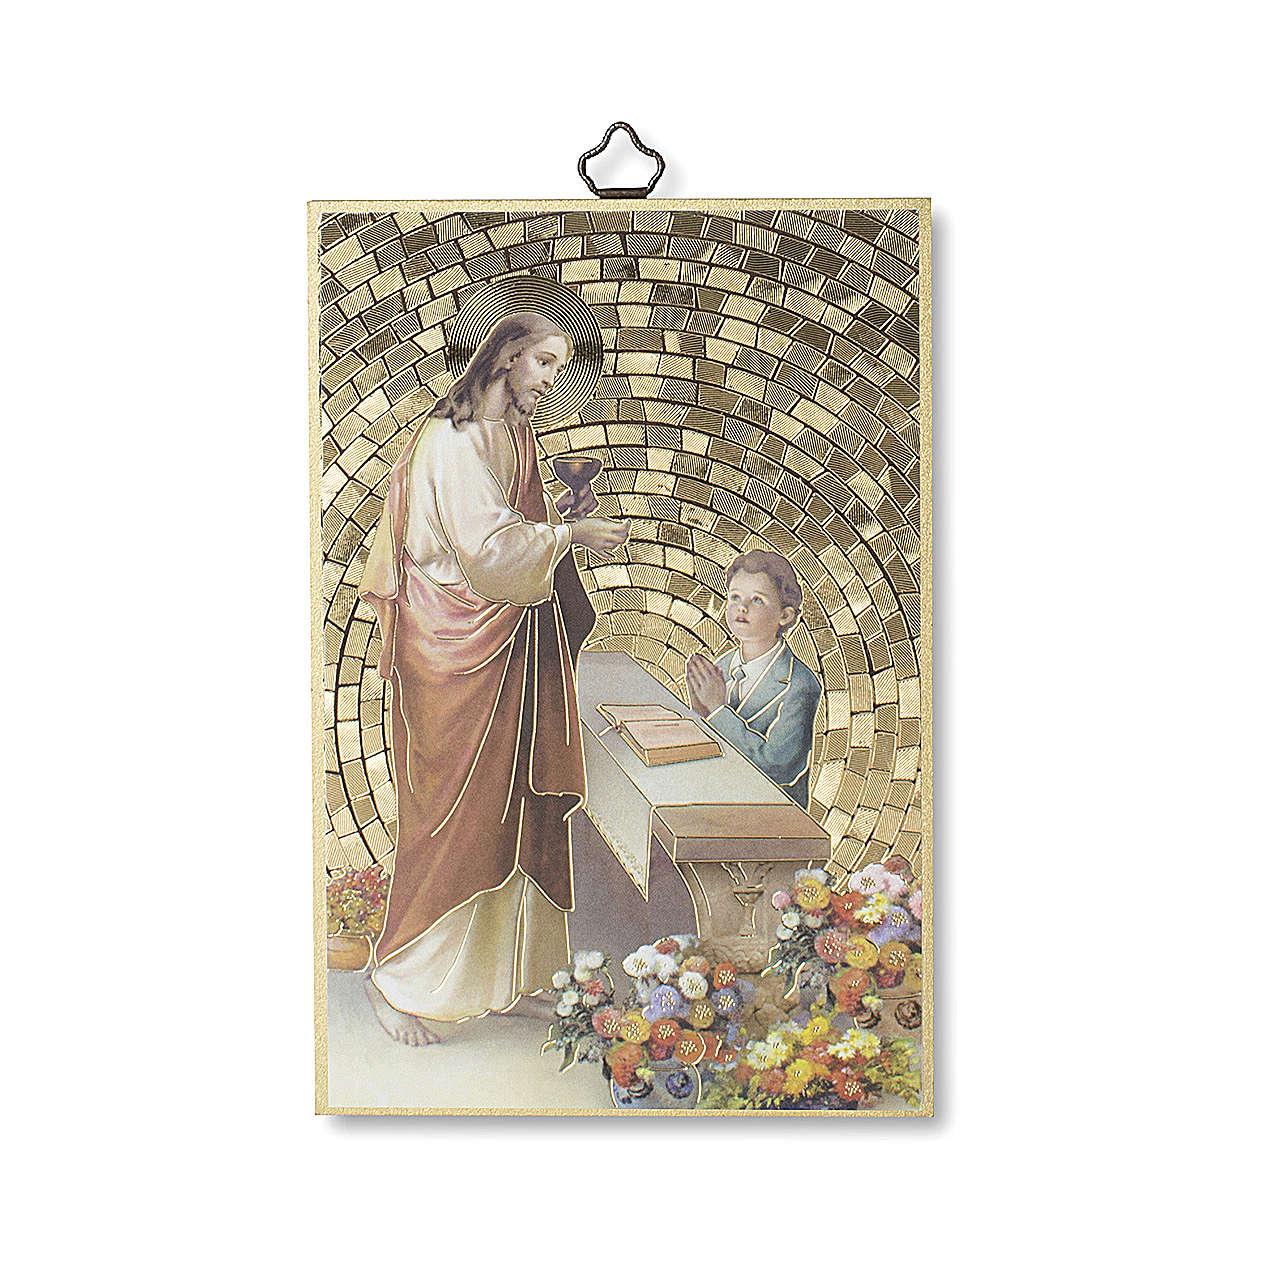 Impression sur bois Jésus enfant Prière Remerciement diplôme Communion ITA 3